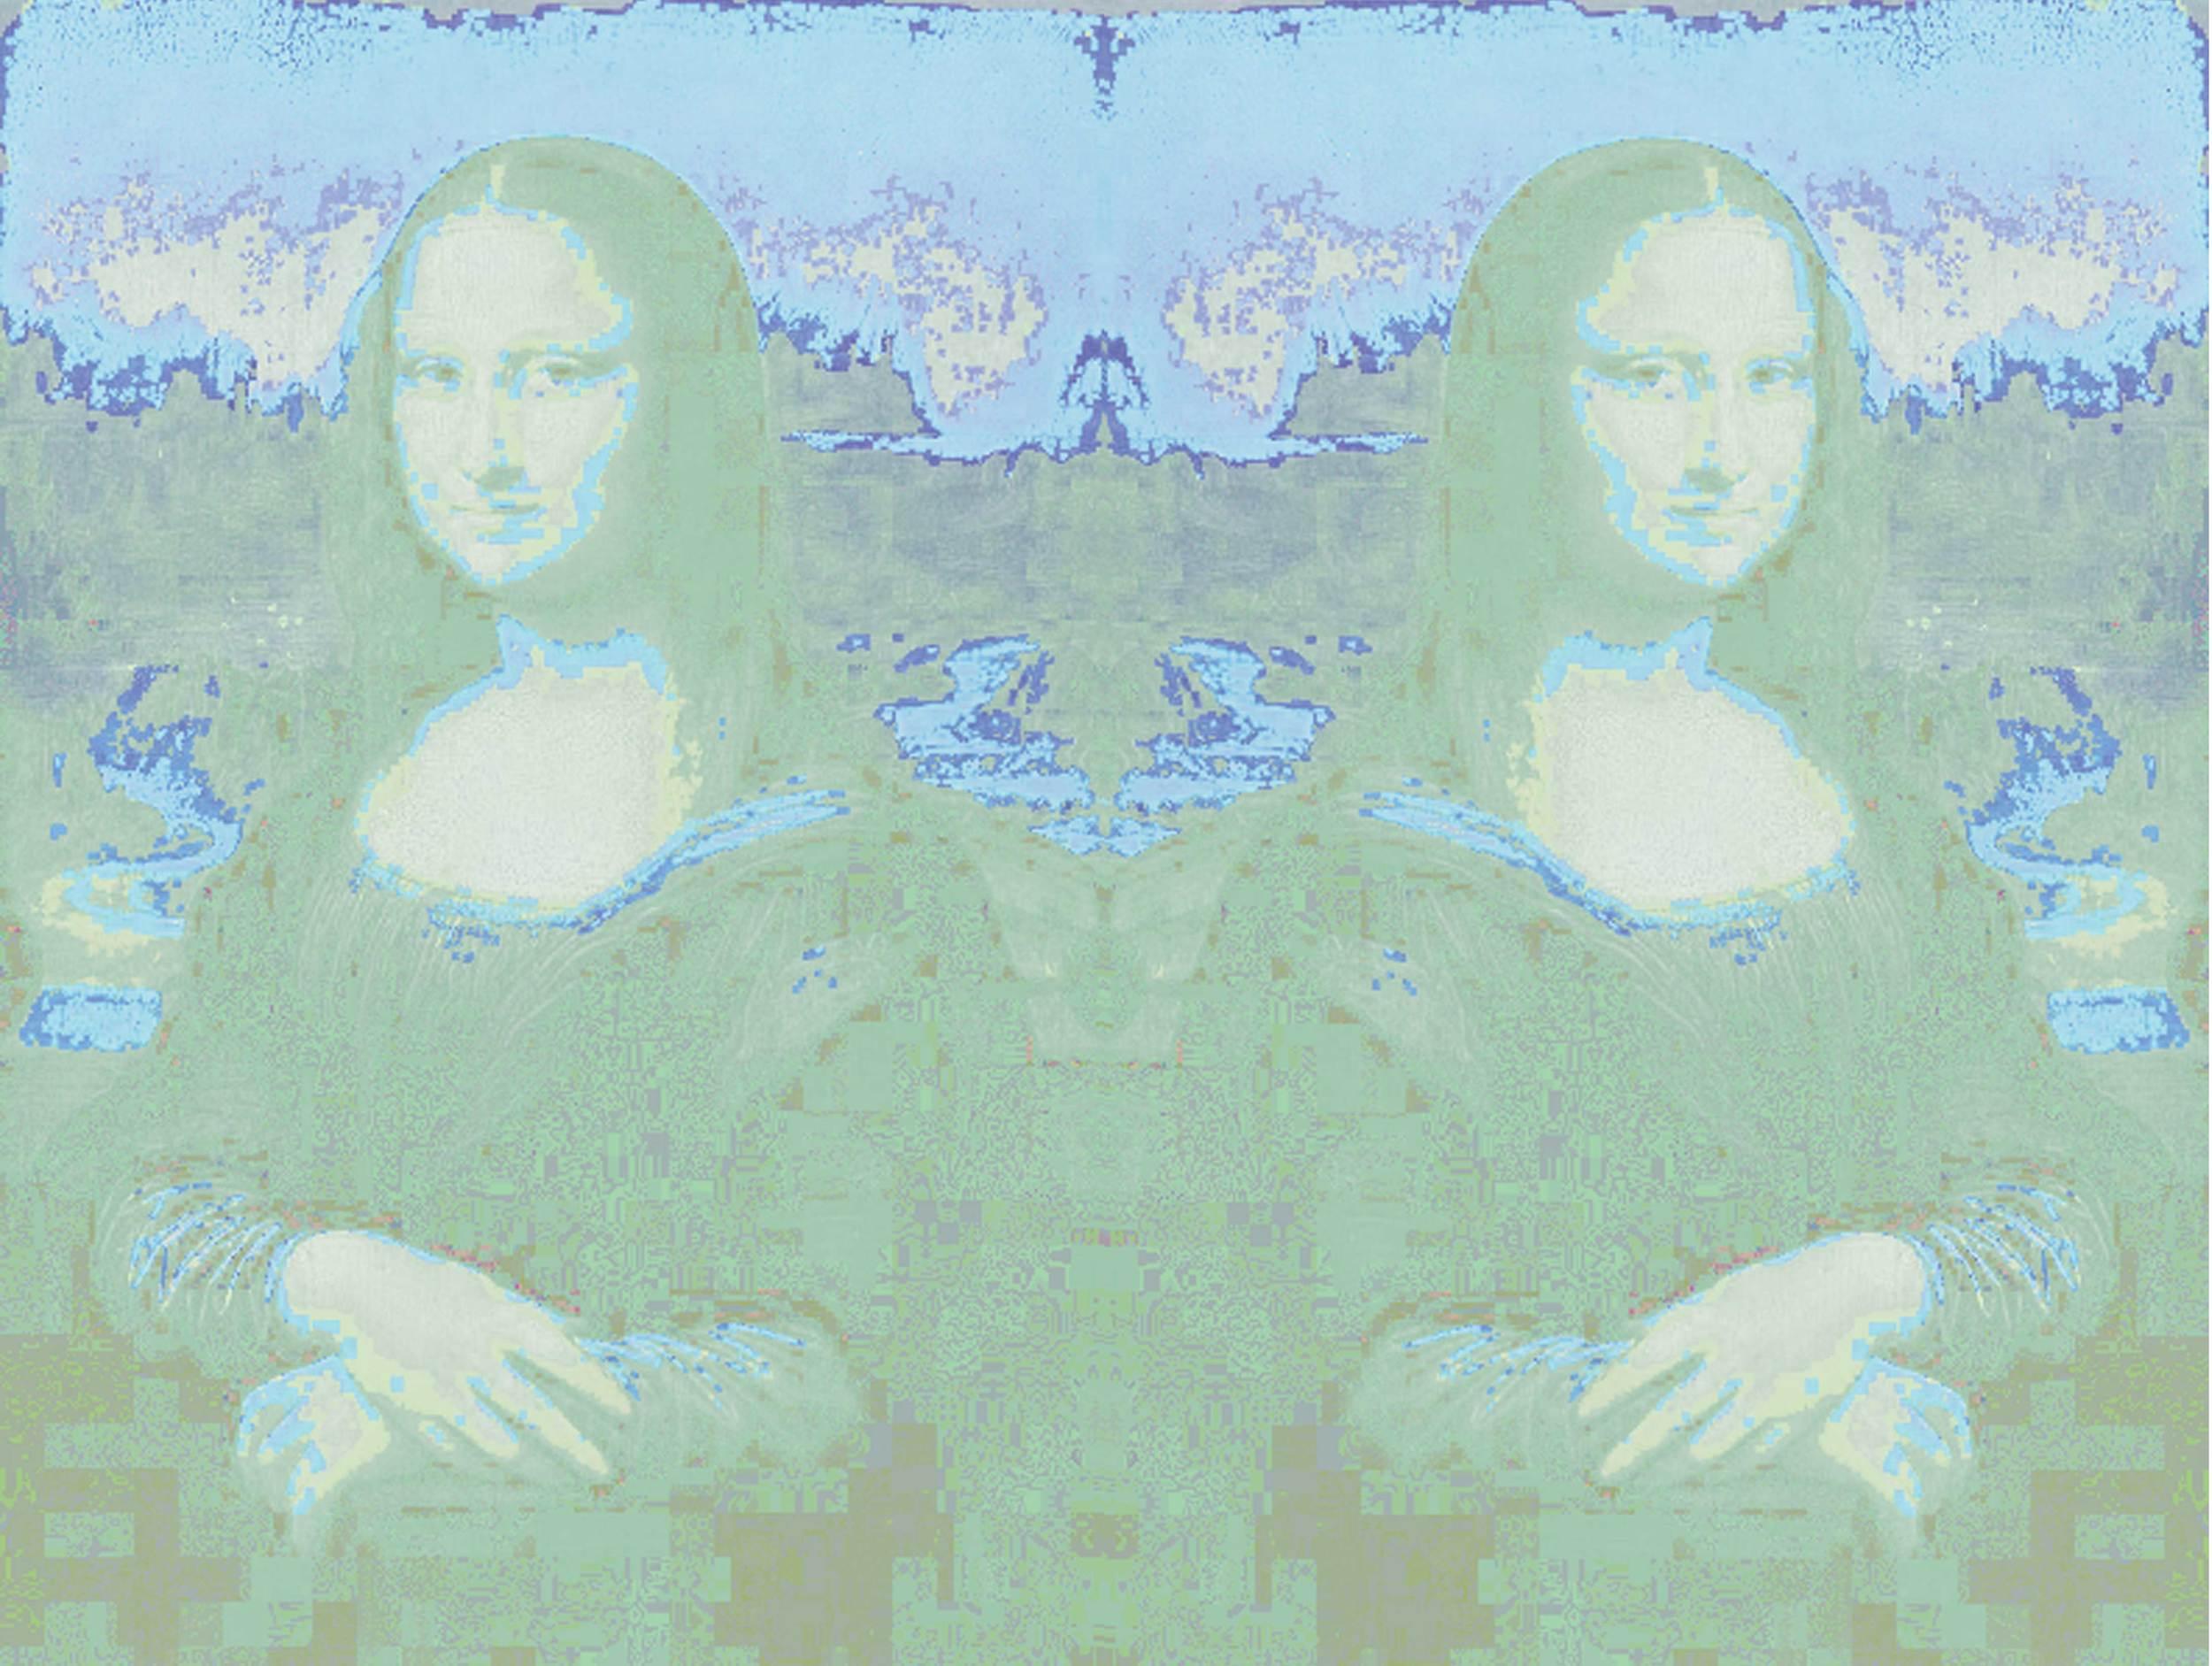 mona-lisa-glitch.jpg